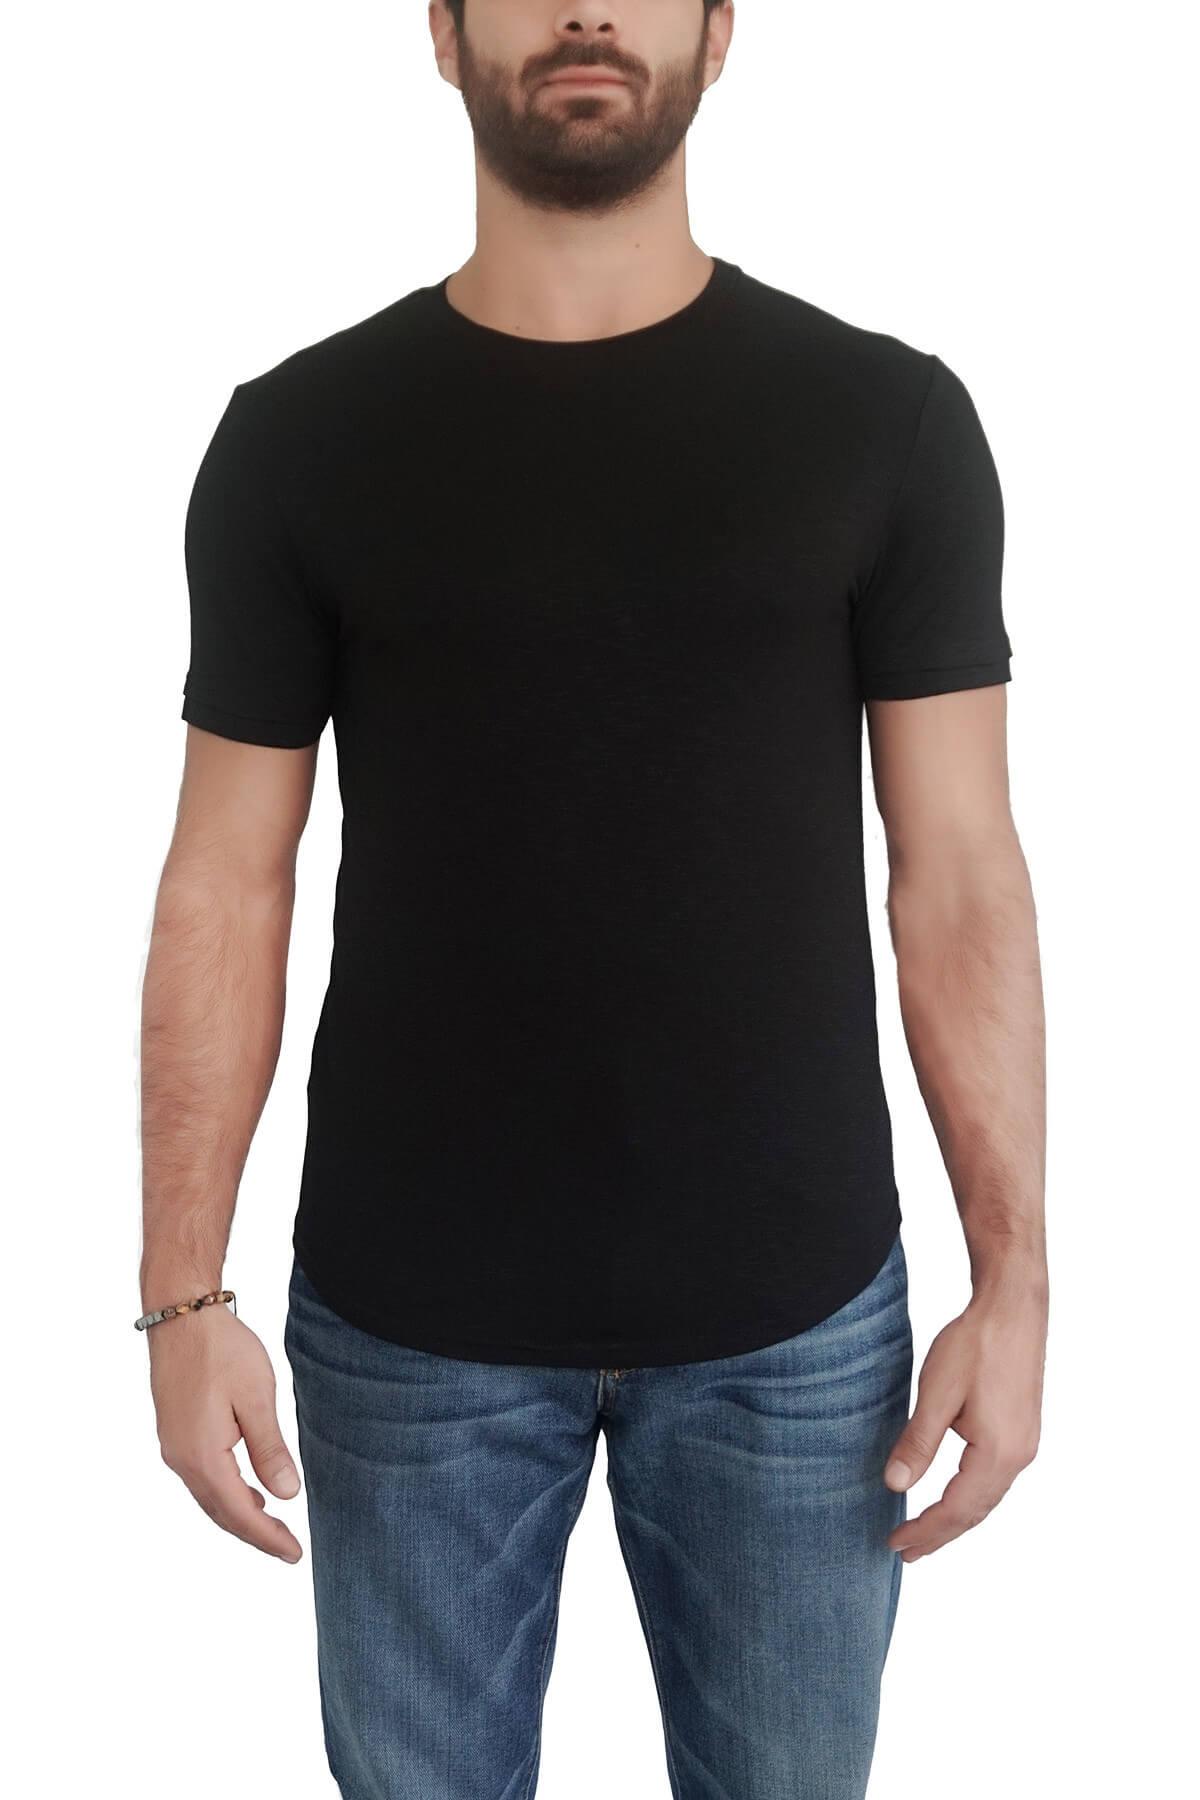 MOF Erkek Siyah T-Shirt SYÇKOET-S 1